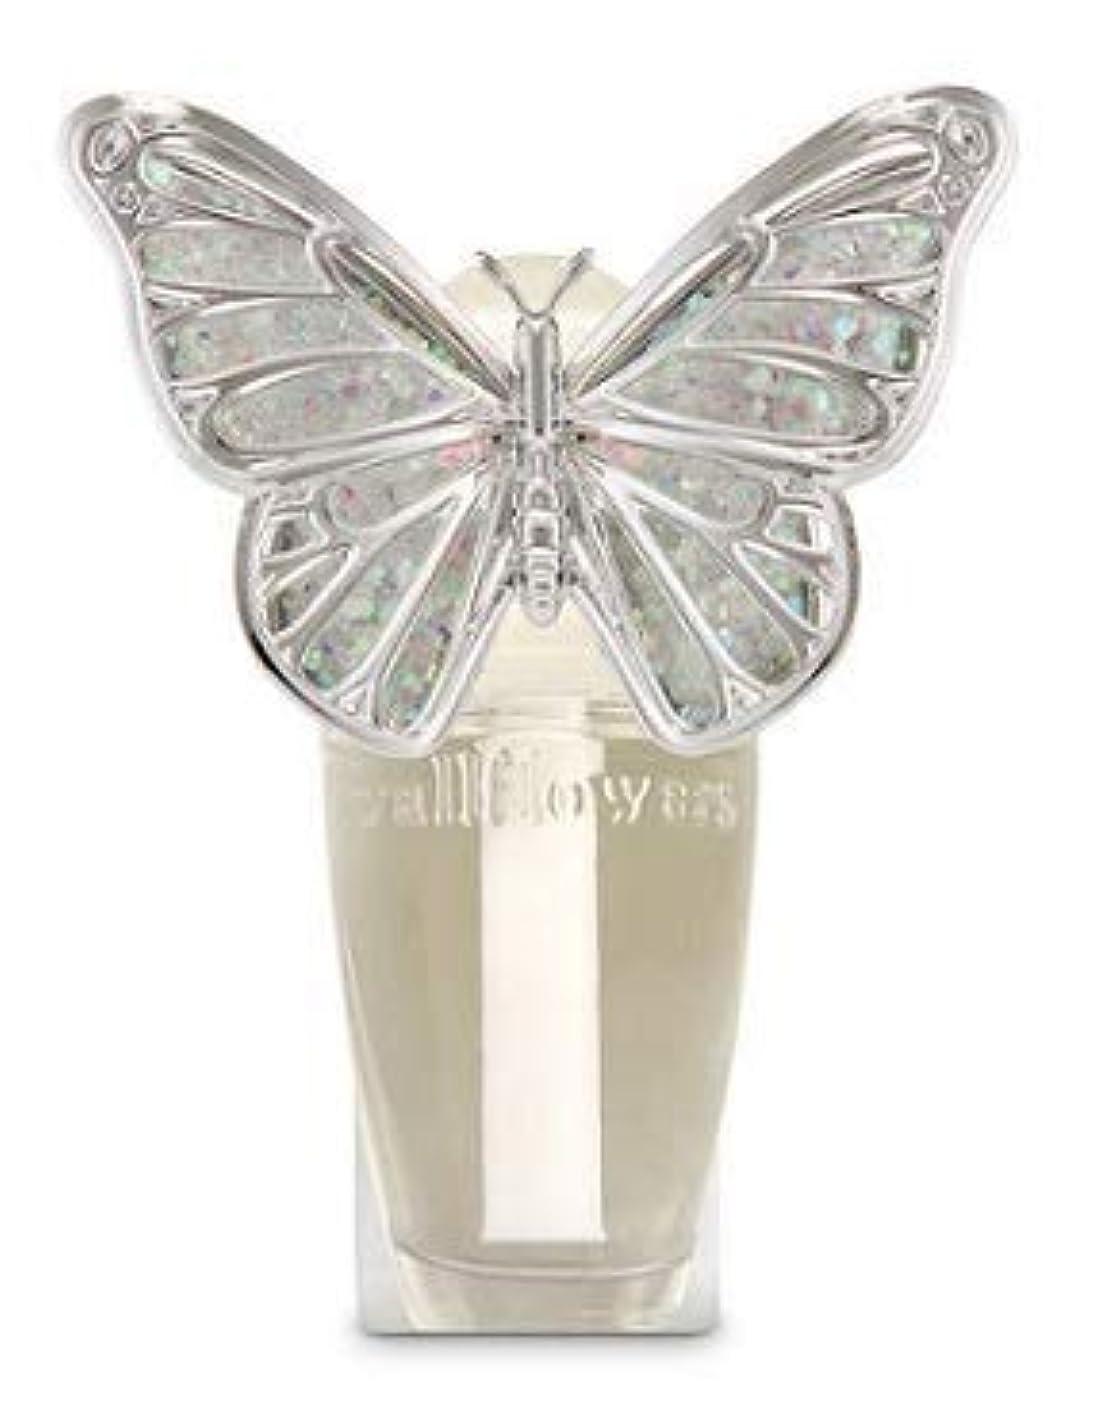 良心的葡萄擁する【Bath&Body Works/バス&ボディワークス】 ルームフレグランス プラグインスターター (本体のみ) スプリングバタフライ ナイトライト Wallflowers Fragrance Plug Spring butterfly Night Light [並行輸入品]